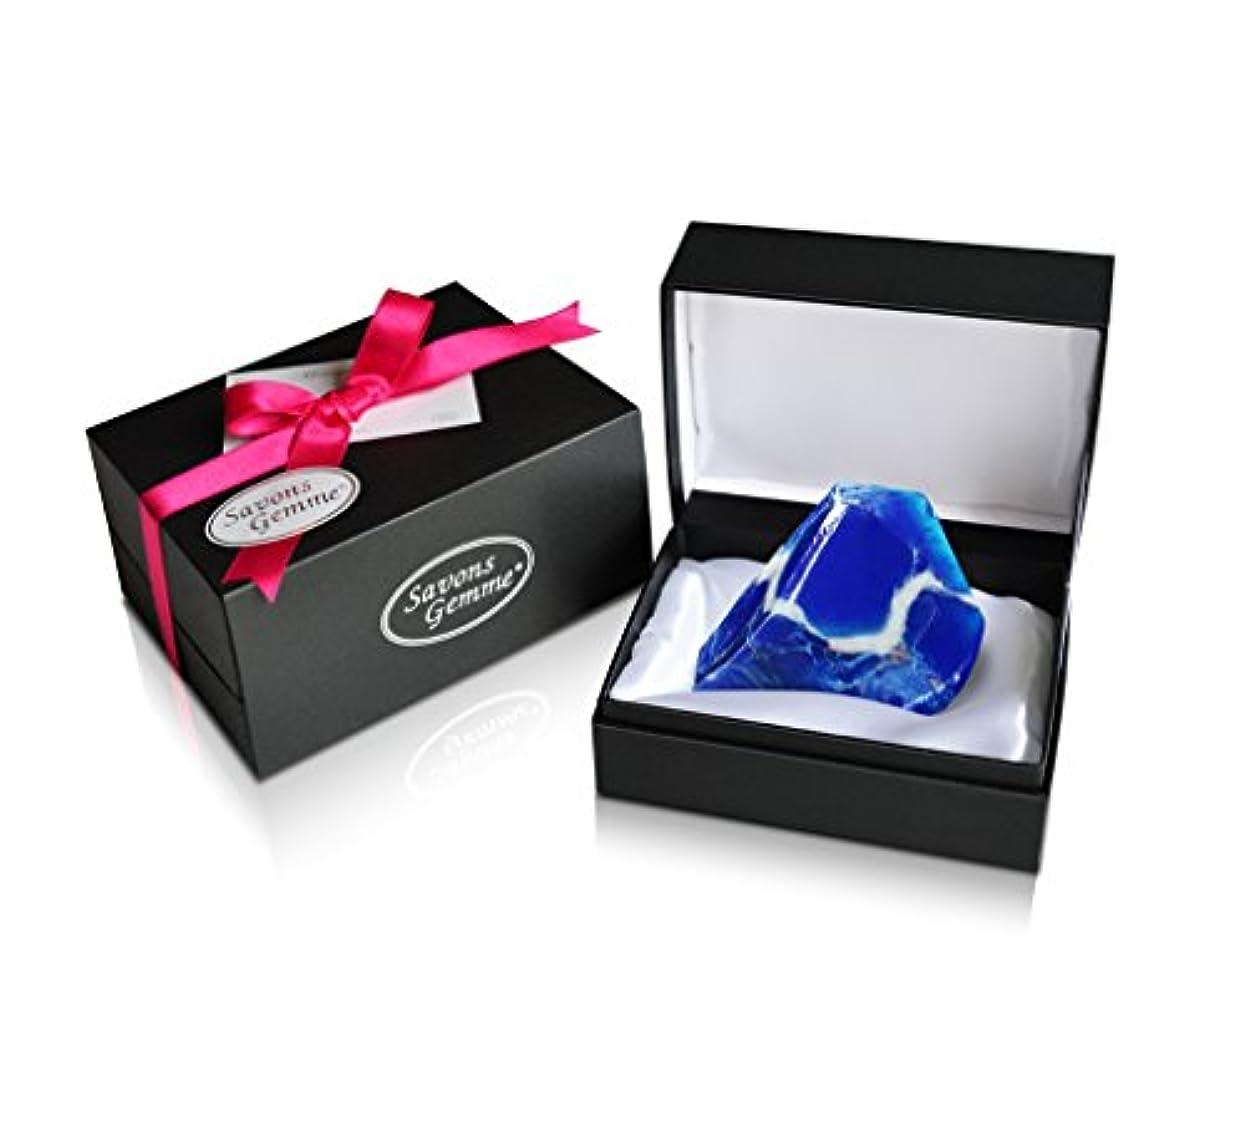 被害者入射マントSavons Gemme サボンジェム ジュエリーギフトボックス 世界で一番美しい宝石石鹸 フレグランス ソープ ラピスラズリィ 170g